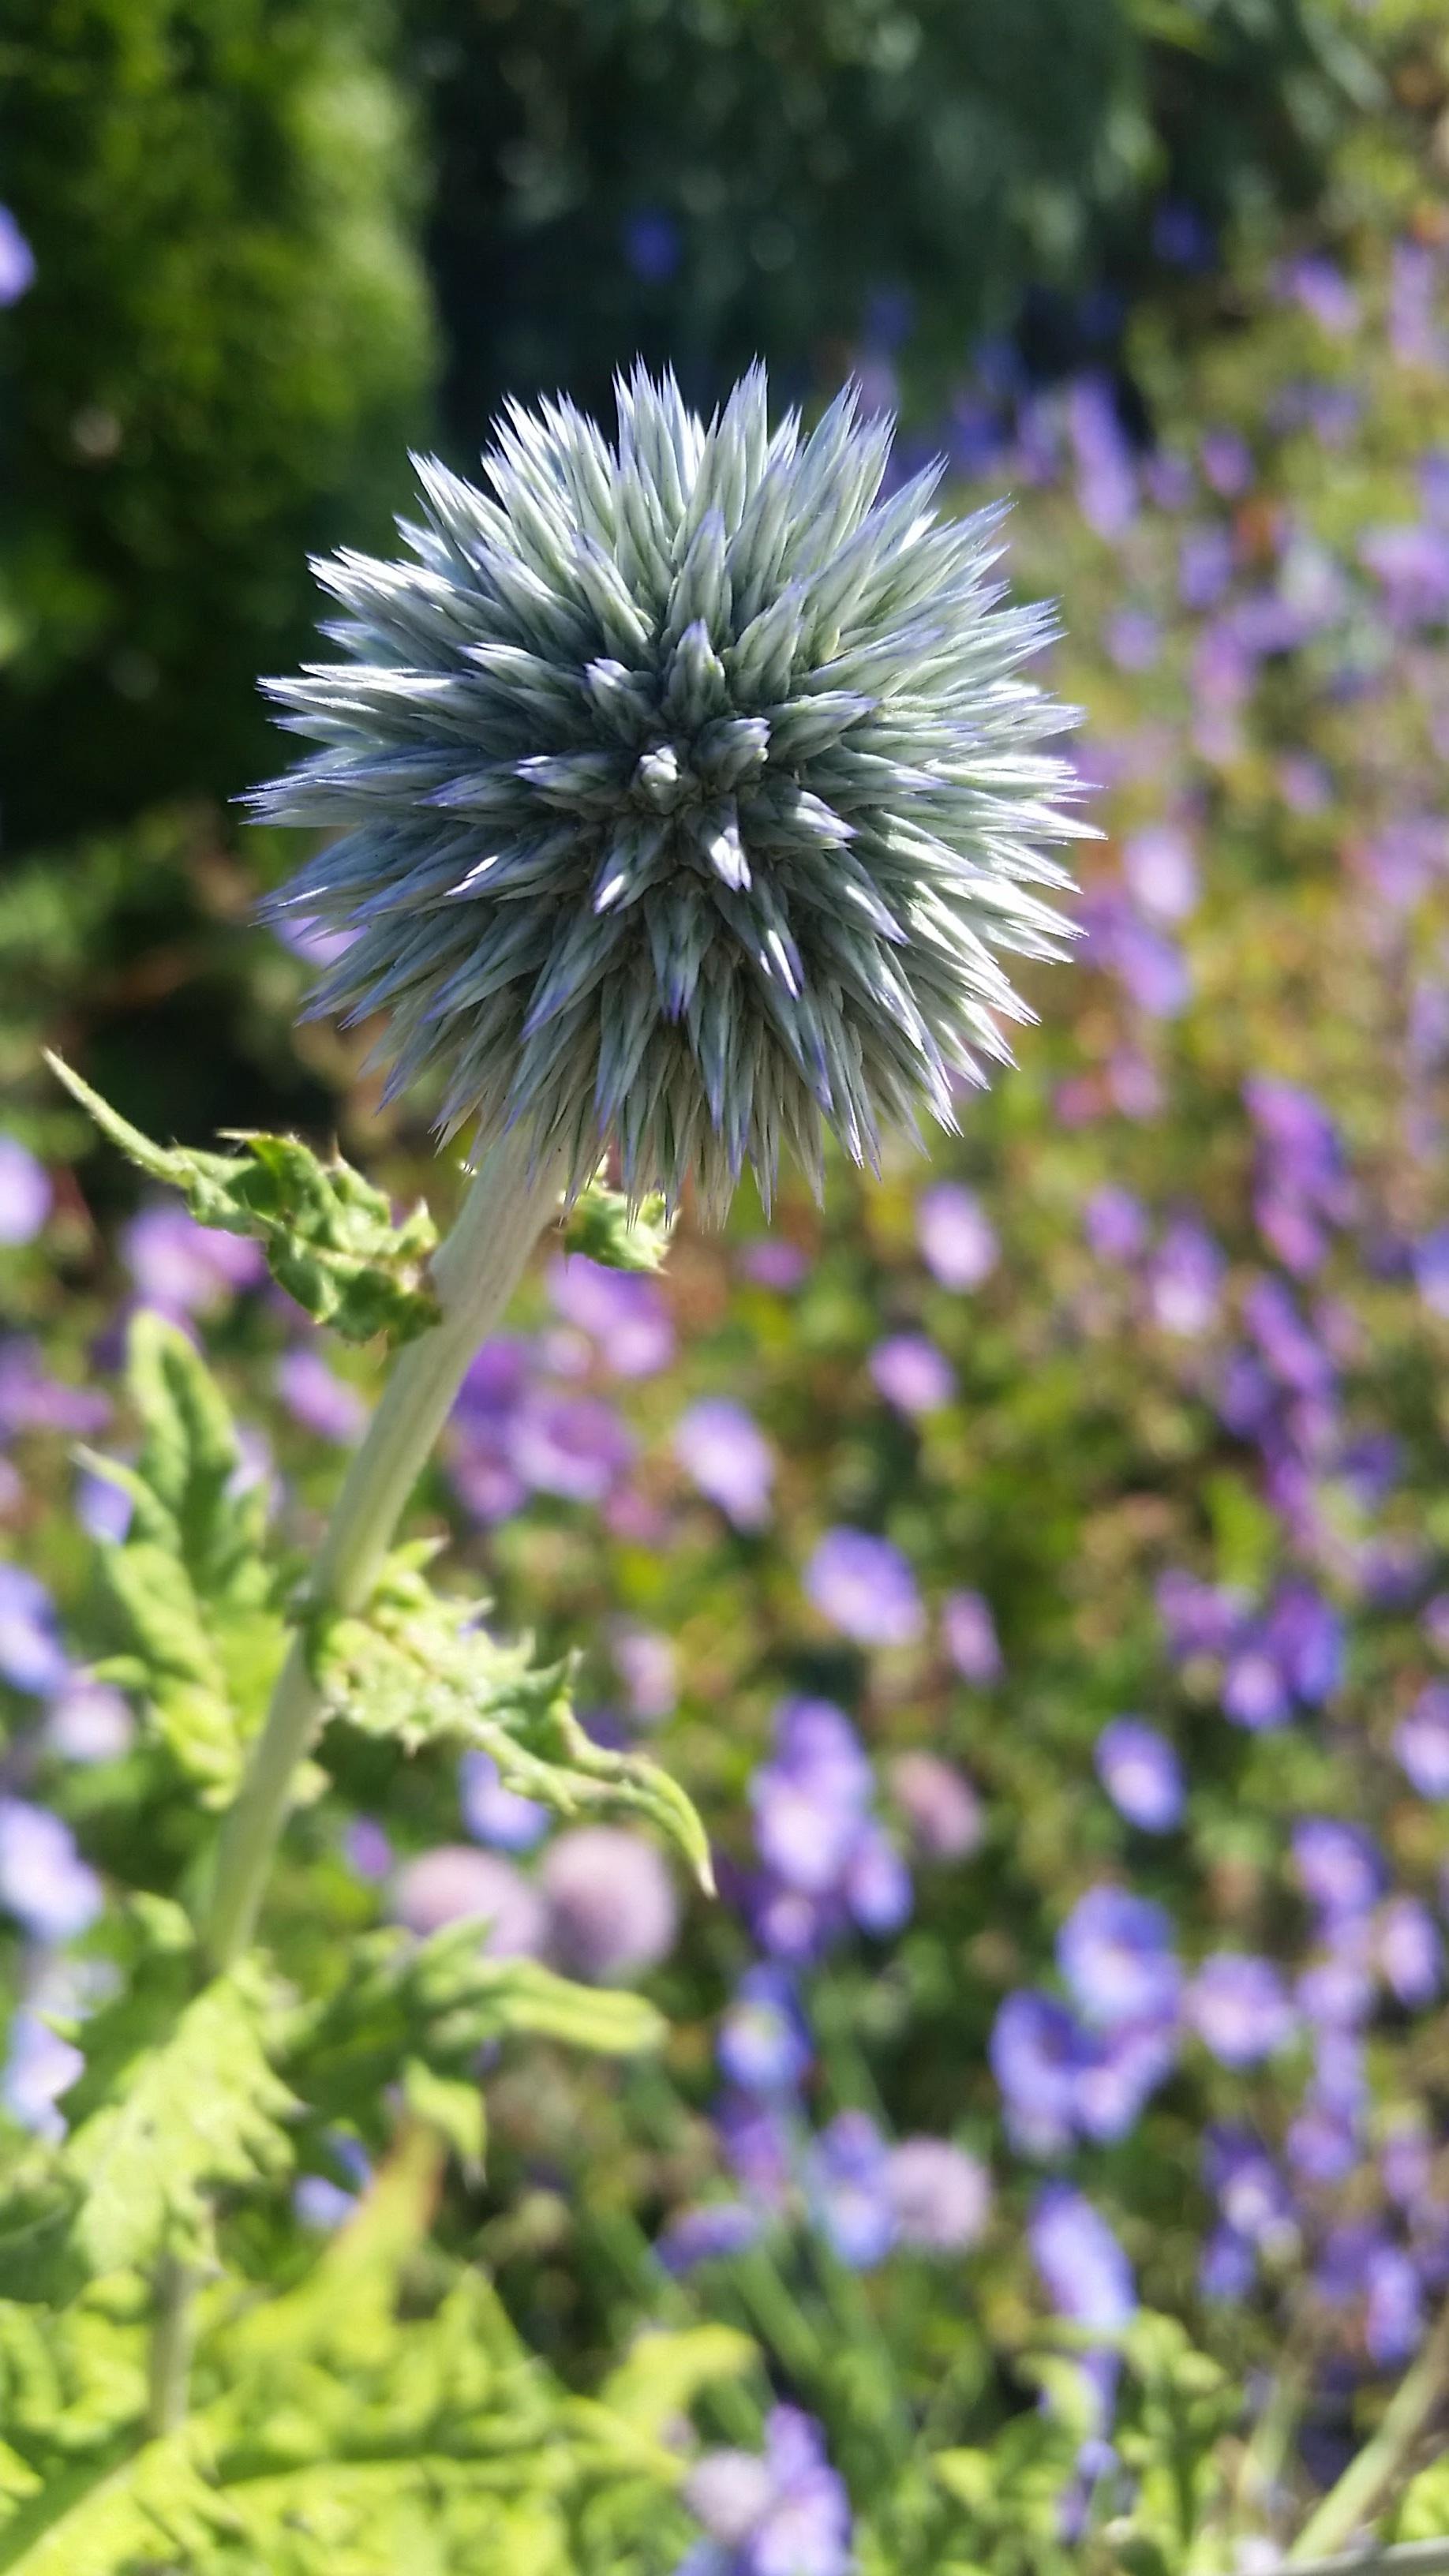 Blue Spiky Orb Flower.jpg